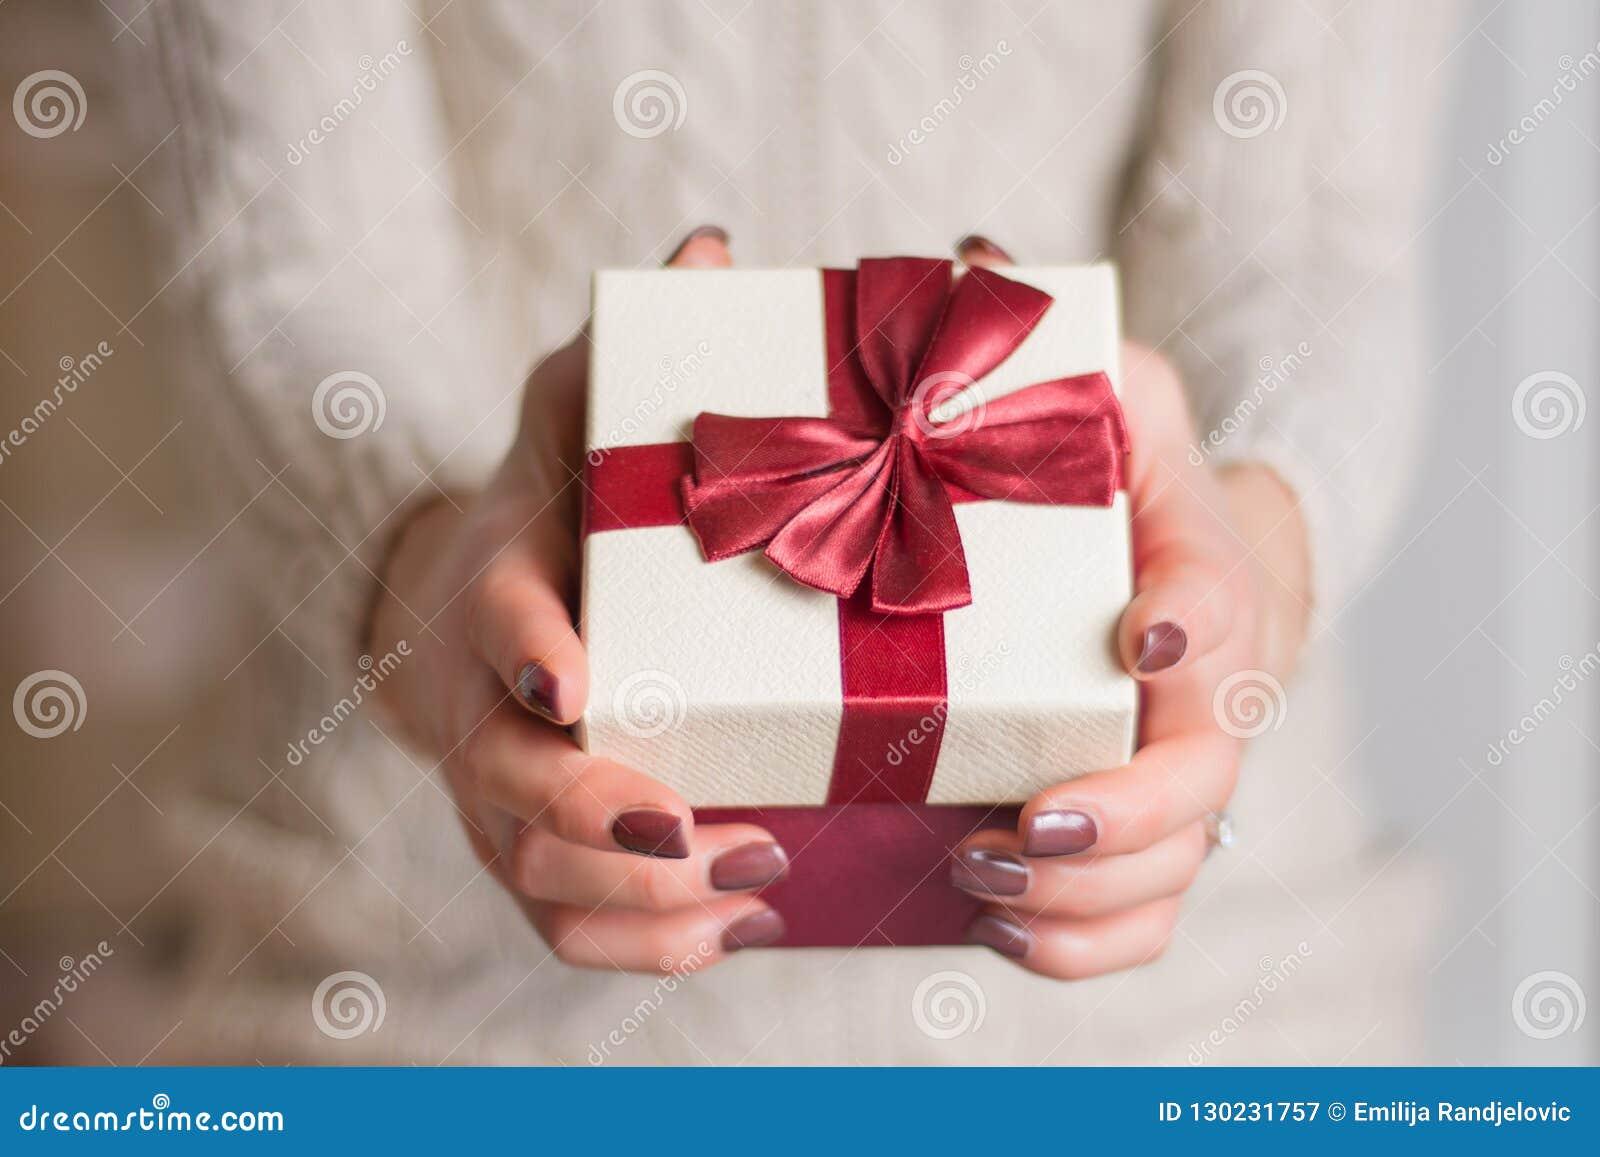 毛线衣藏品礼物盒的女孩有红色丝带领带弓的